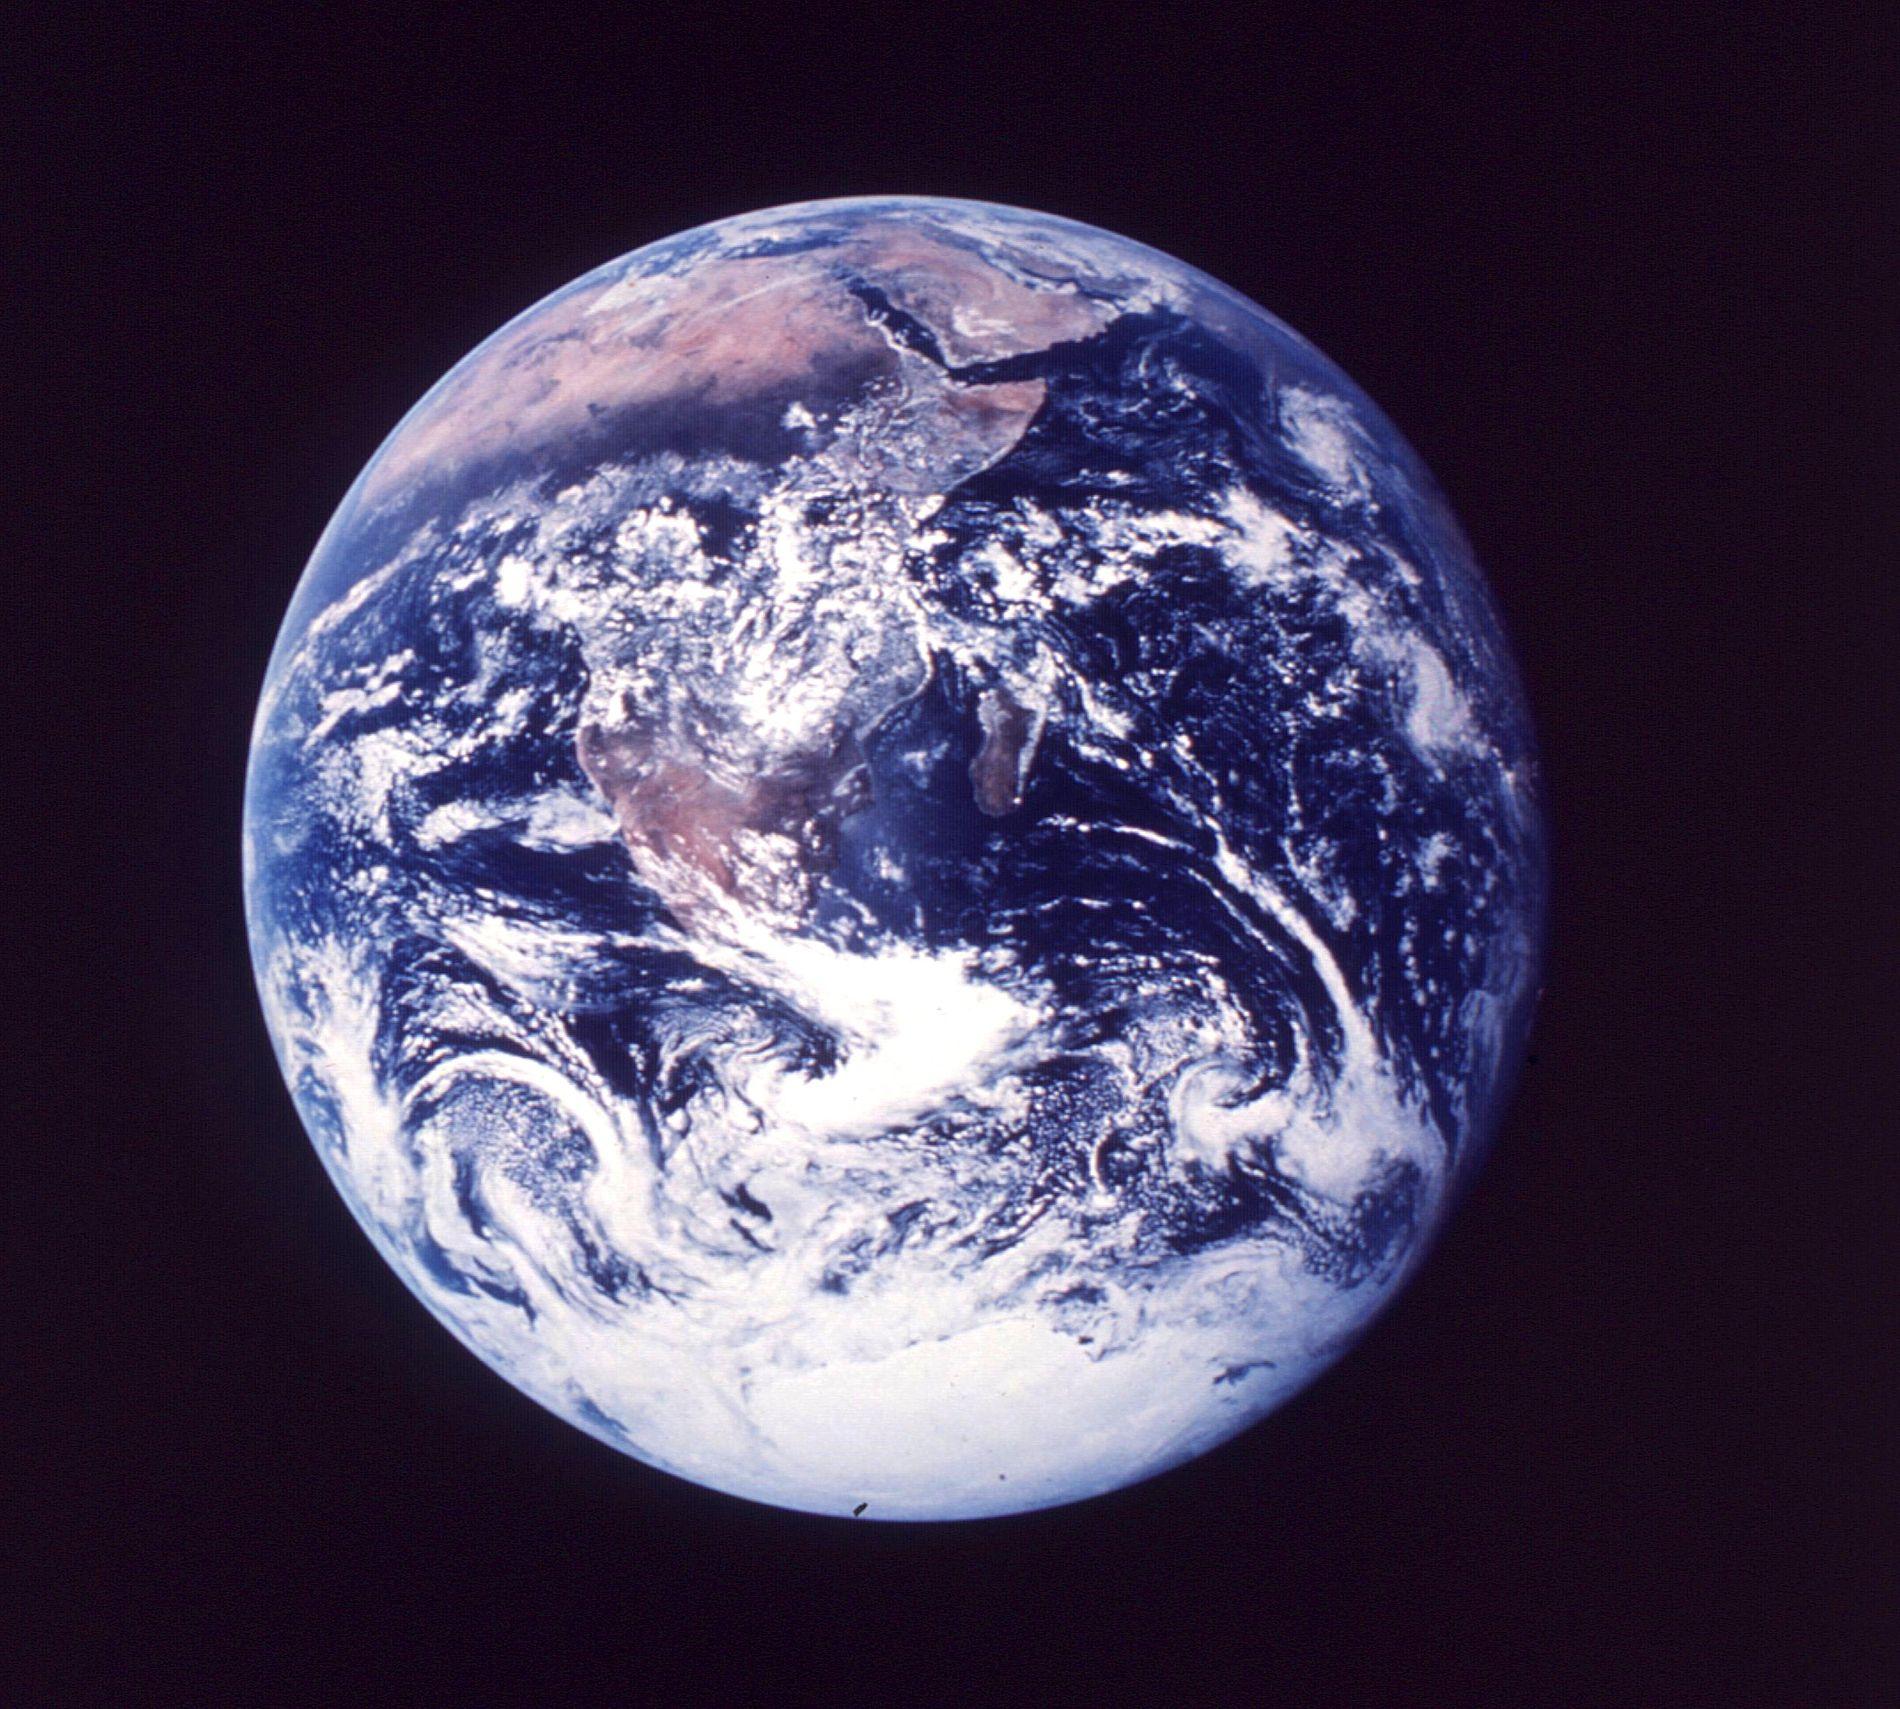 SYNKENDE TEMPERATURER: Britiske forskere spår et kjøligere klima på jorden på grunn av lav aktivitet fra solen.